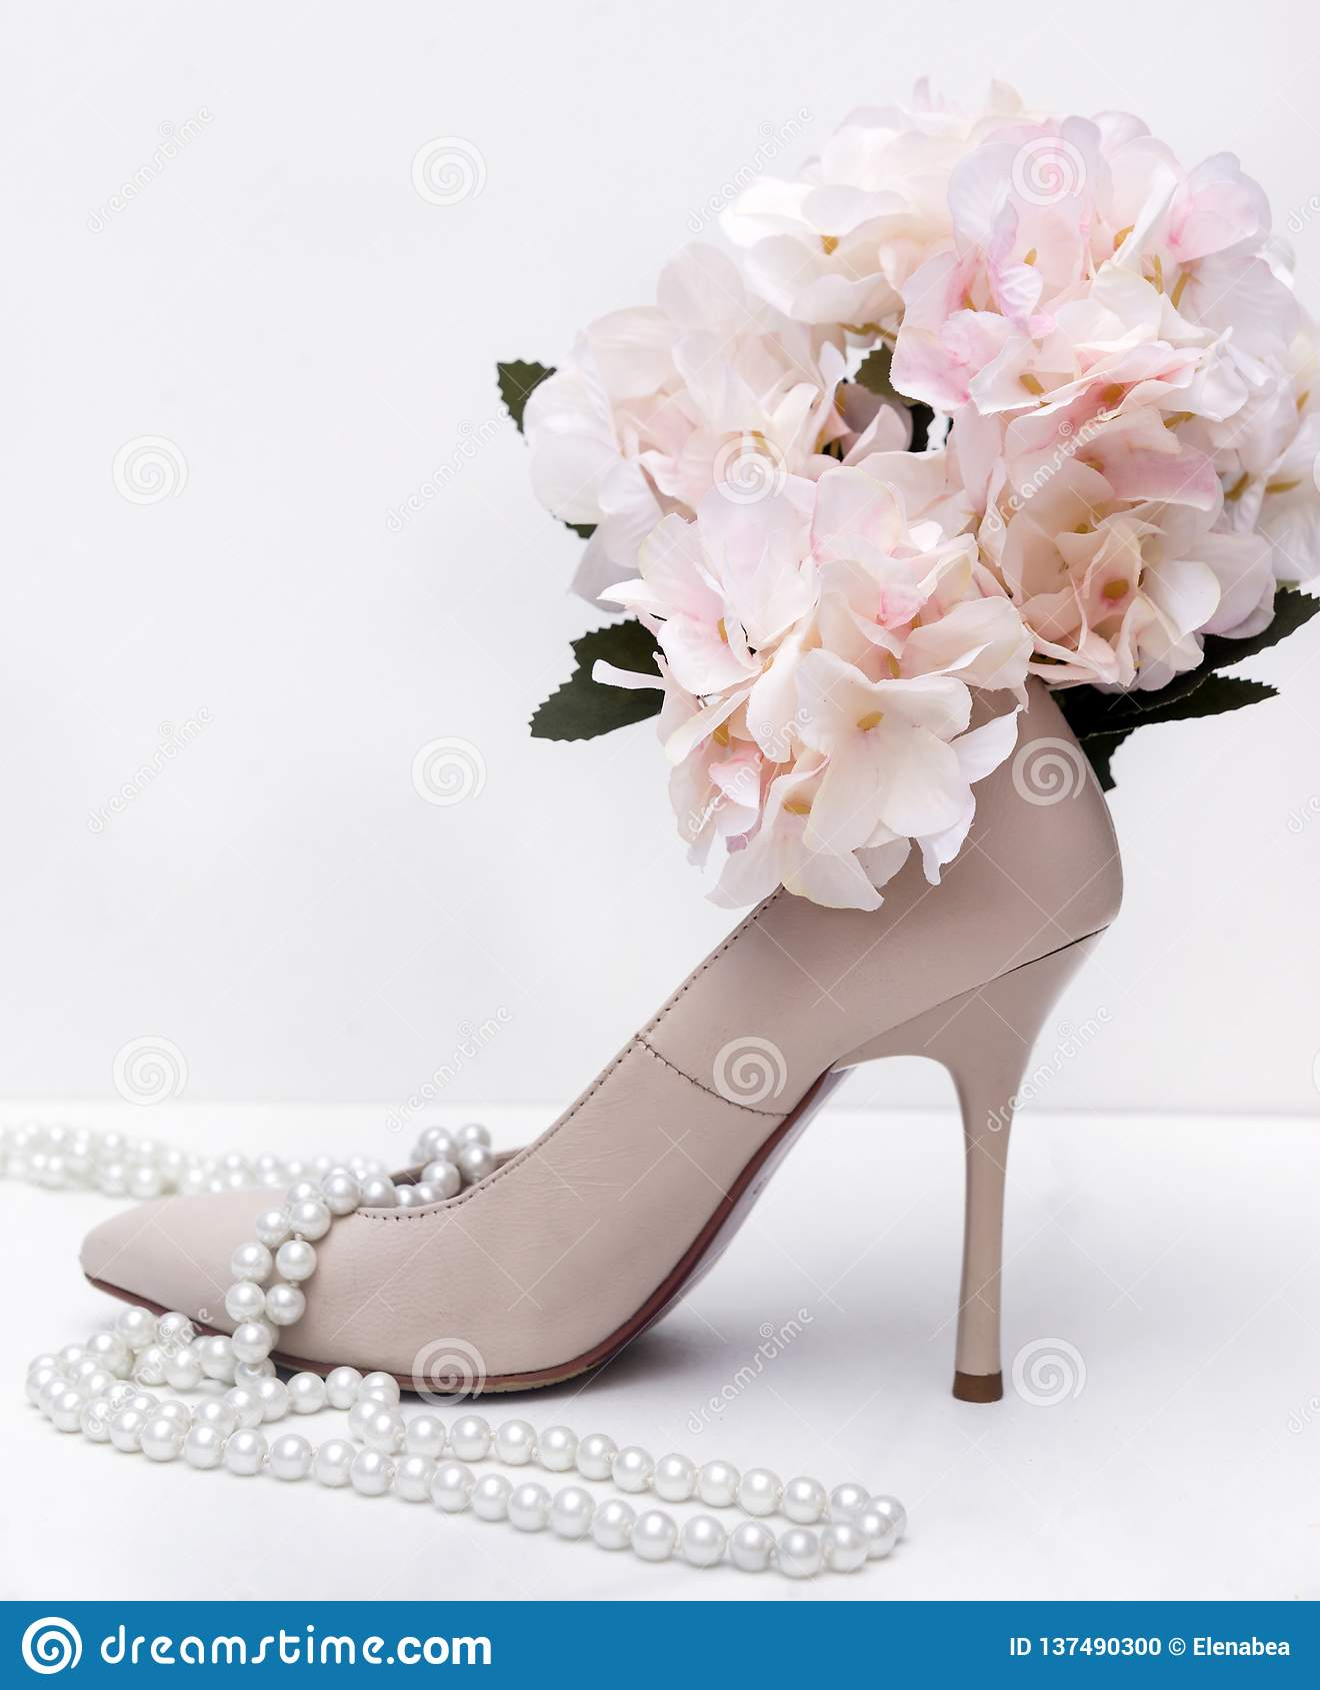 1,白人妇女的短剑鞋子,珍珠,项链,花,八仙花属